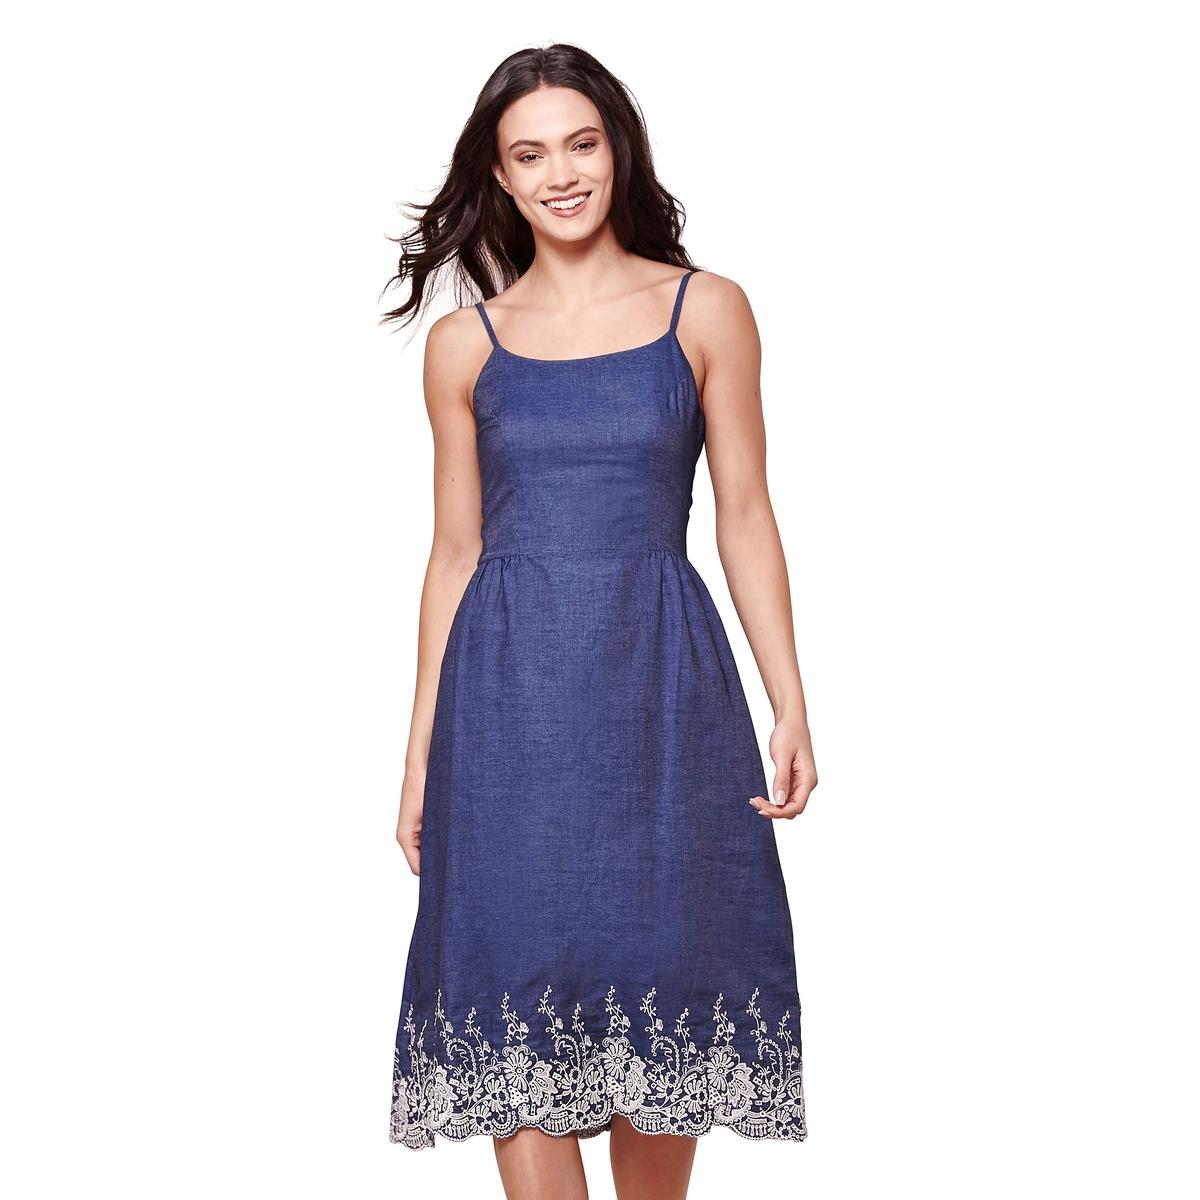 Платье длинное с тонкими бретелями из кружева, 100% хлопок платье yumi yumi платье